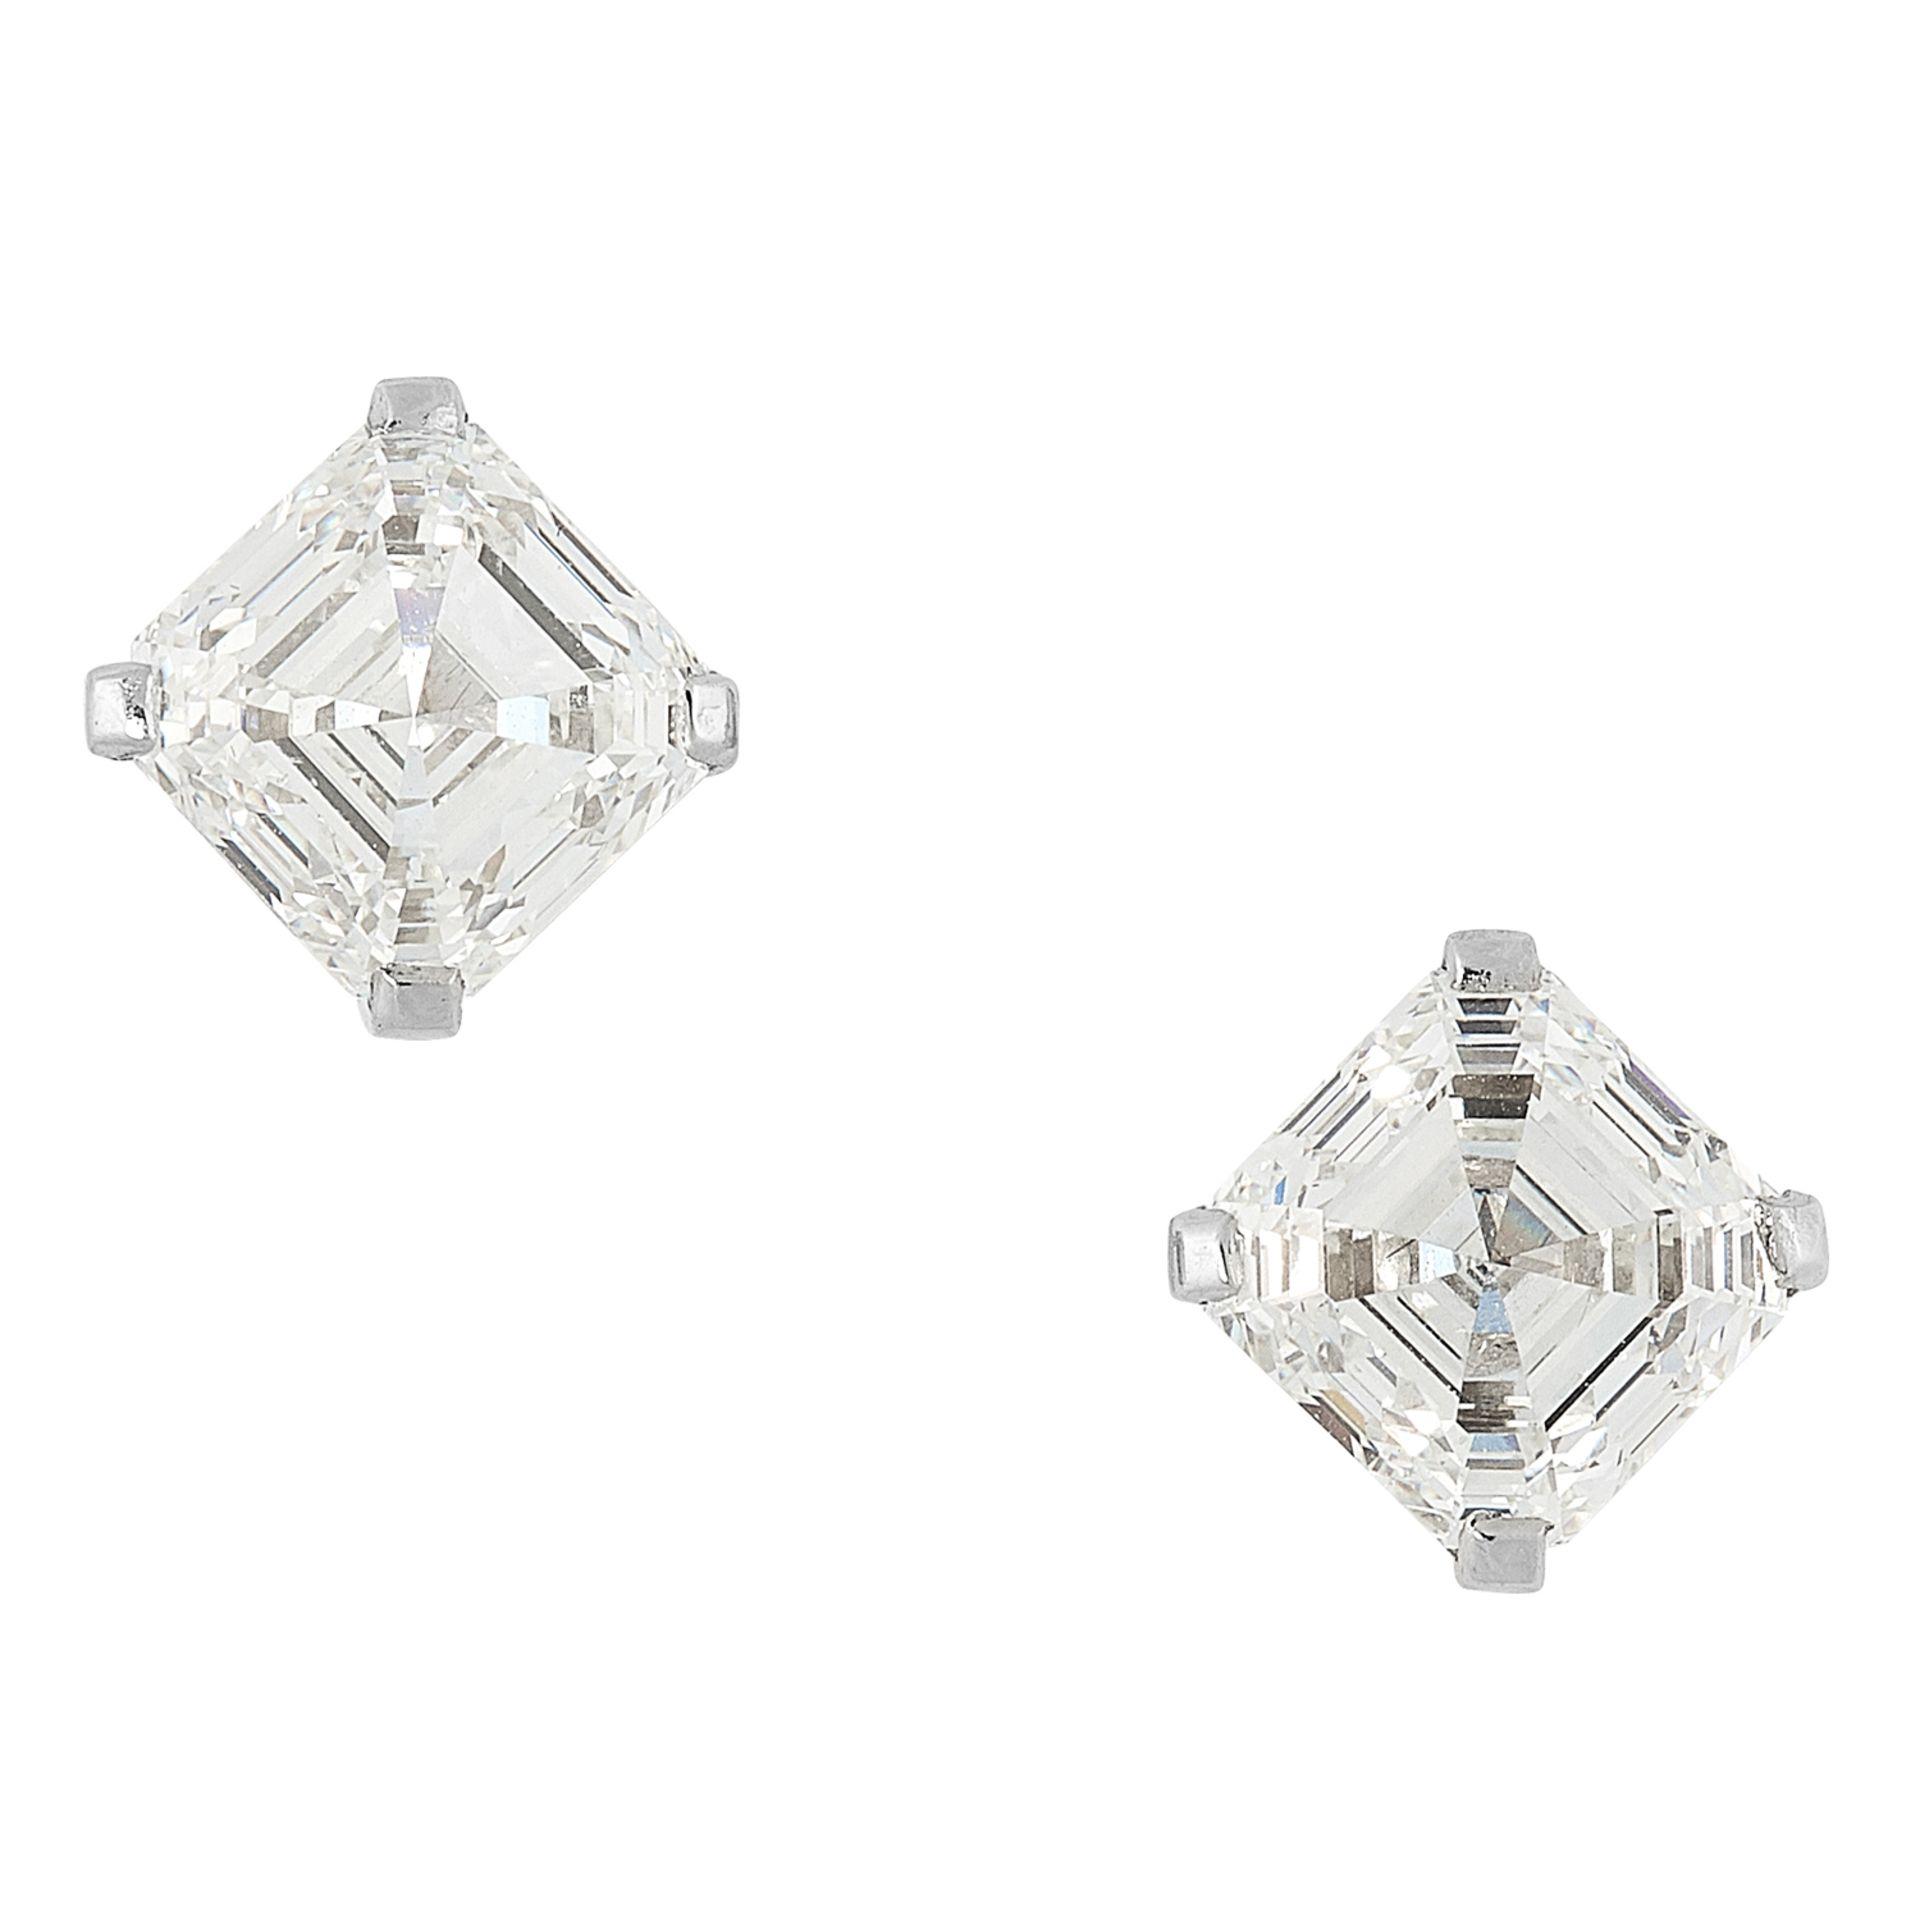 A PAIR OF 4.03 CARAT DIAMOND STUD EARRINGS each set with an asscher cut diamond of 2.02 and 2.01